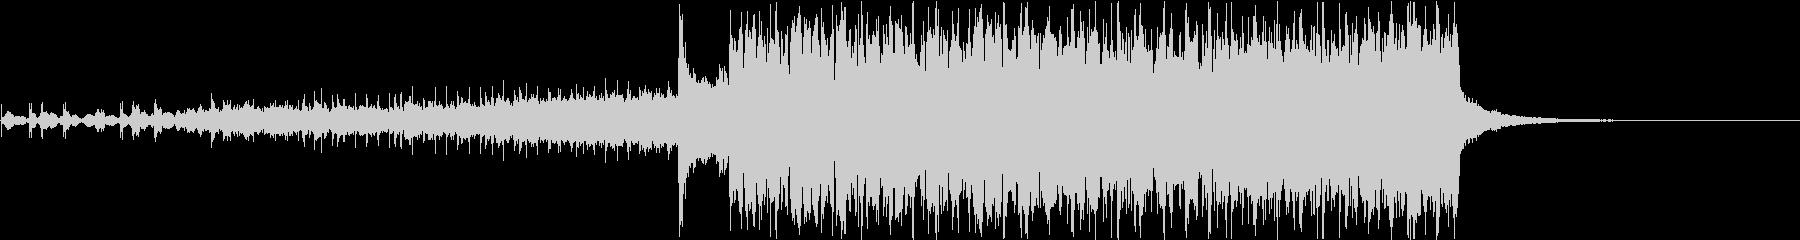 冬のセール向けBGMフューチャーベースの未再生の波形